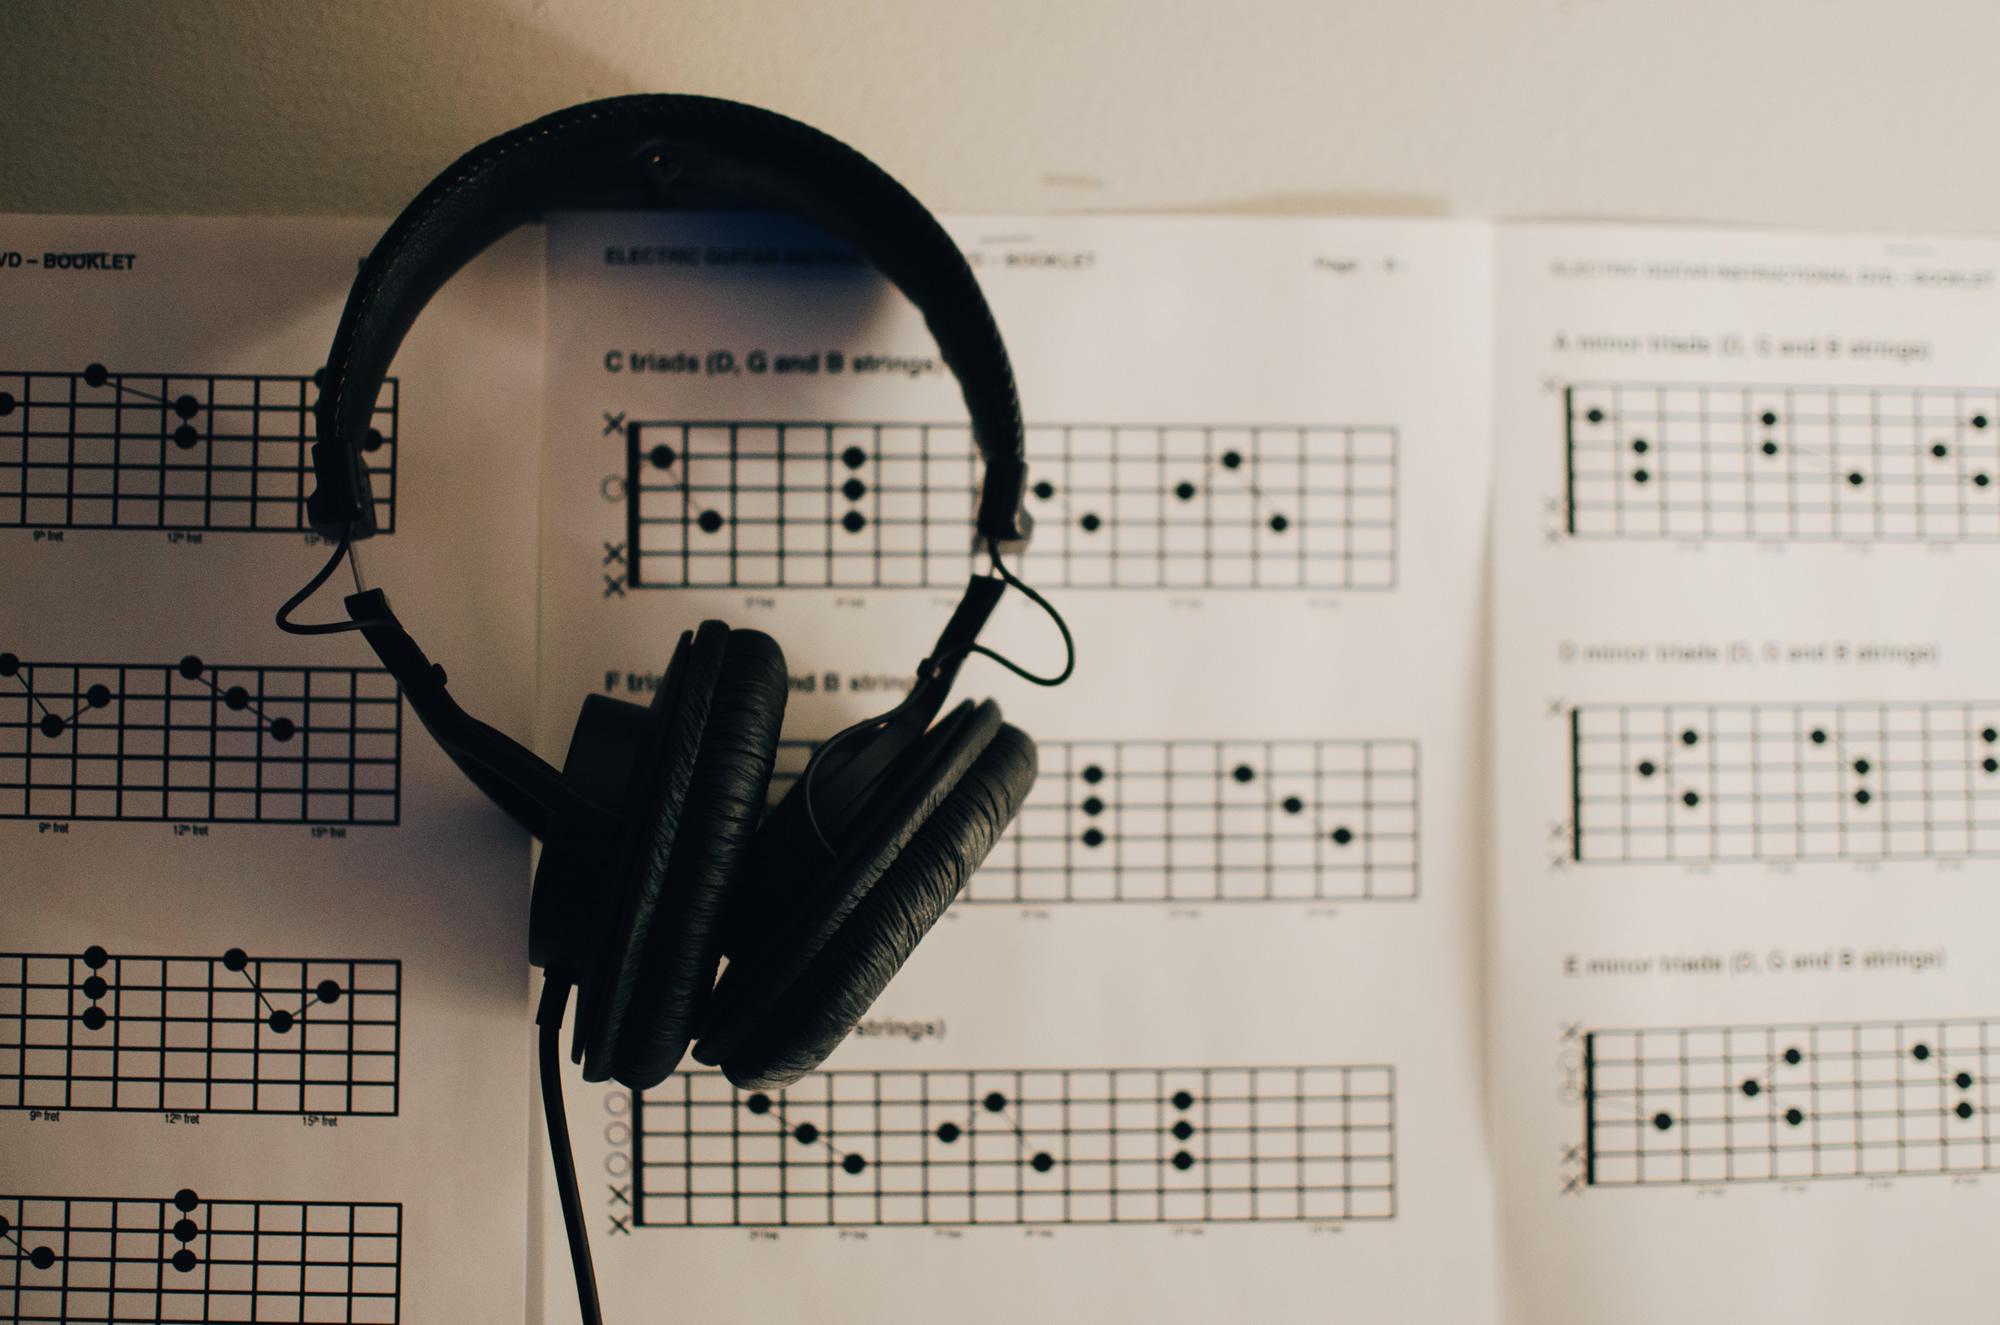 Guitar tab and headphones